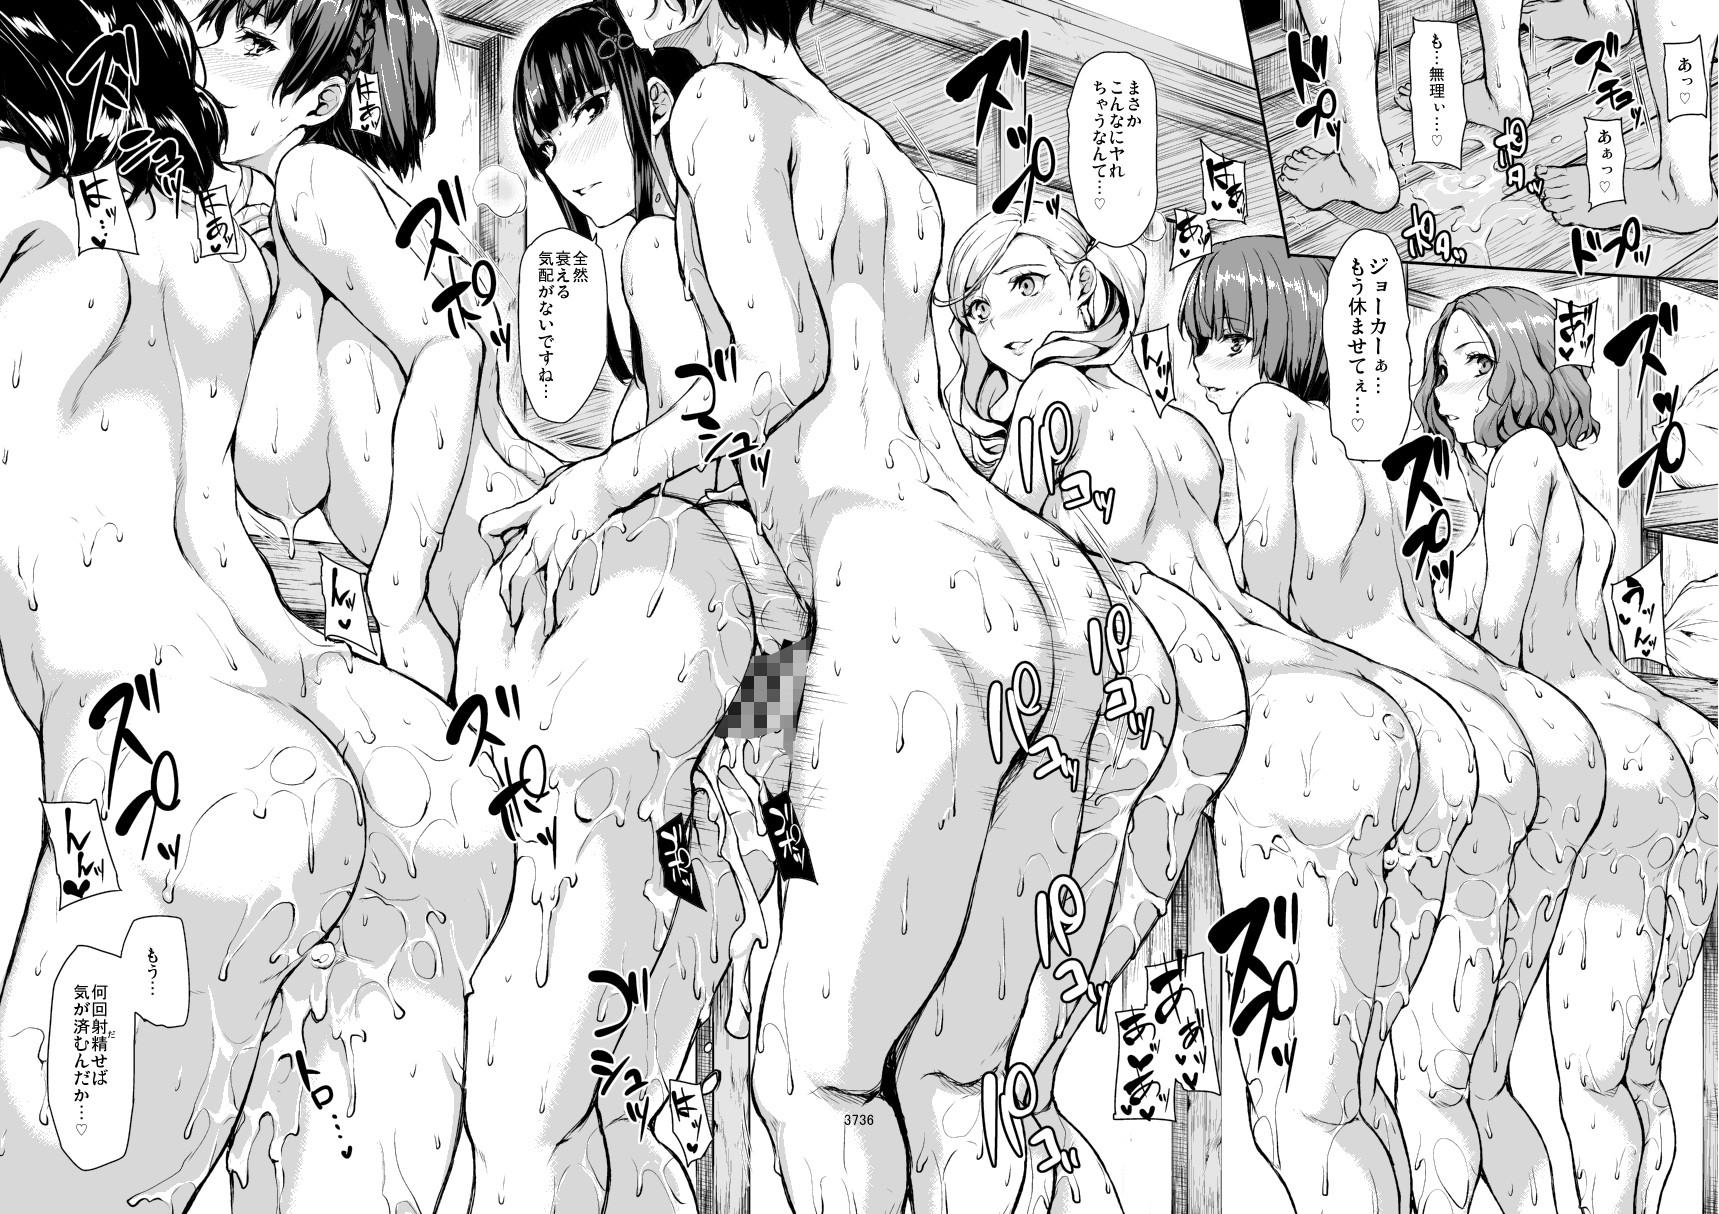 P5ハーレム【同人エロ漫画】しまぱん/立花オミナ ペルソナ53